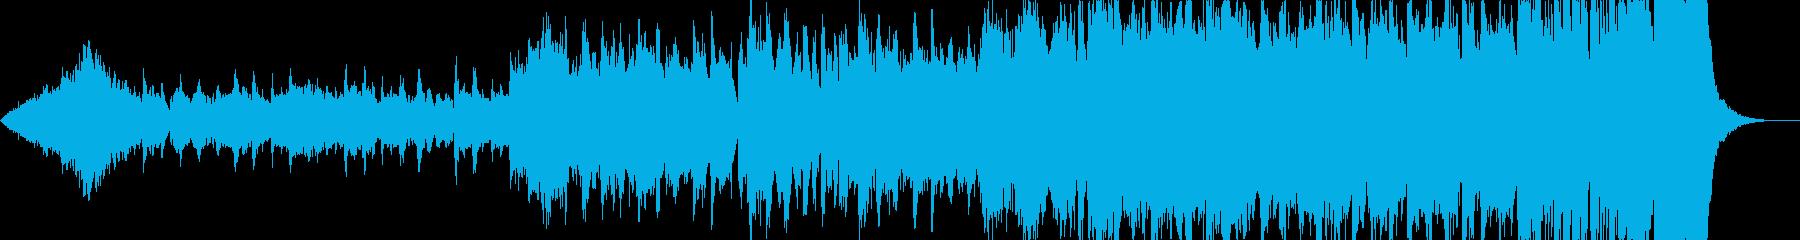 ラベルのボレロを短く簡潔にの再生済みの波形